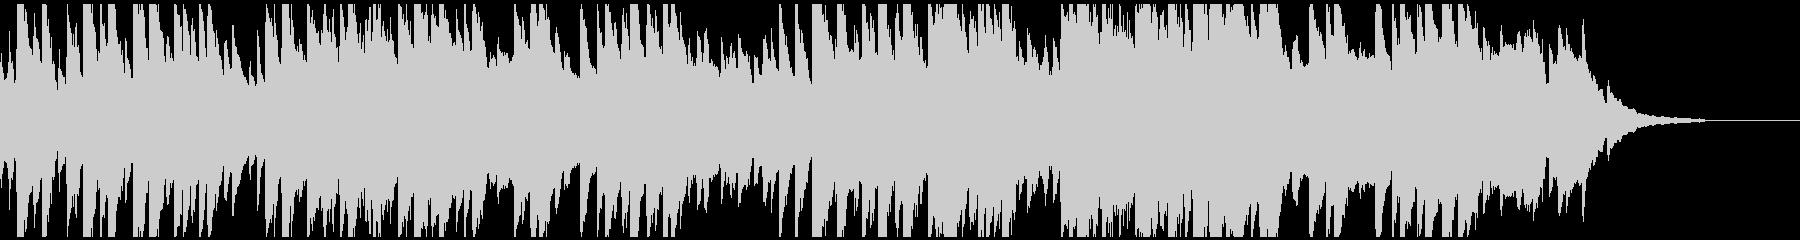 切ないピアノソロ。の未再生の波形